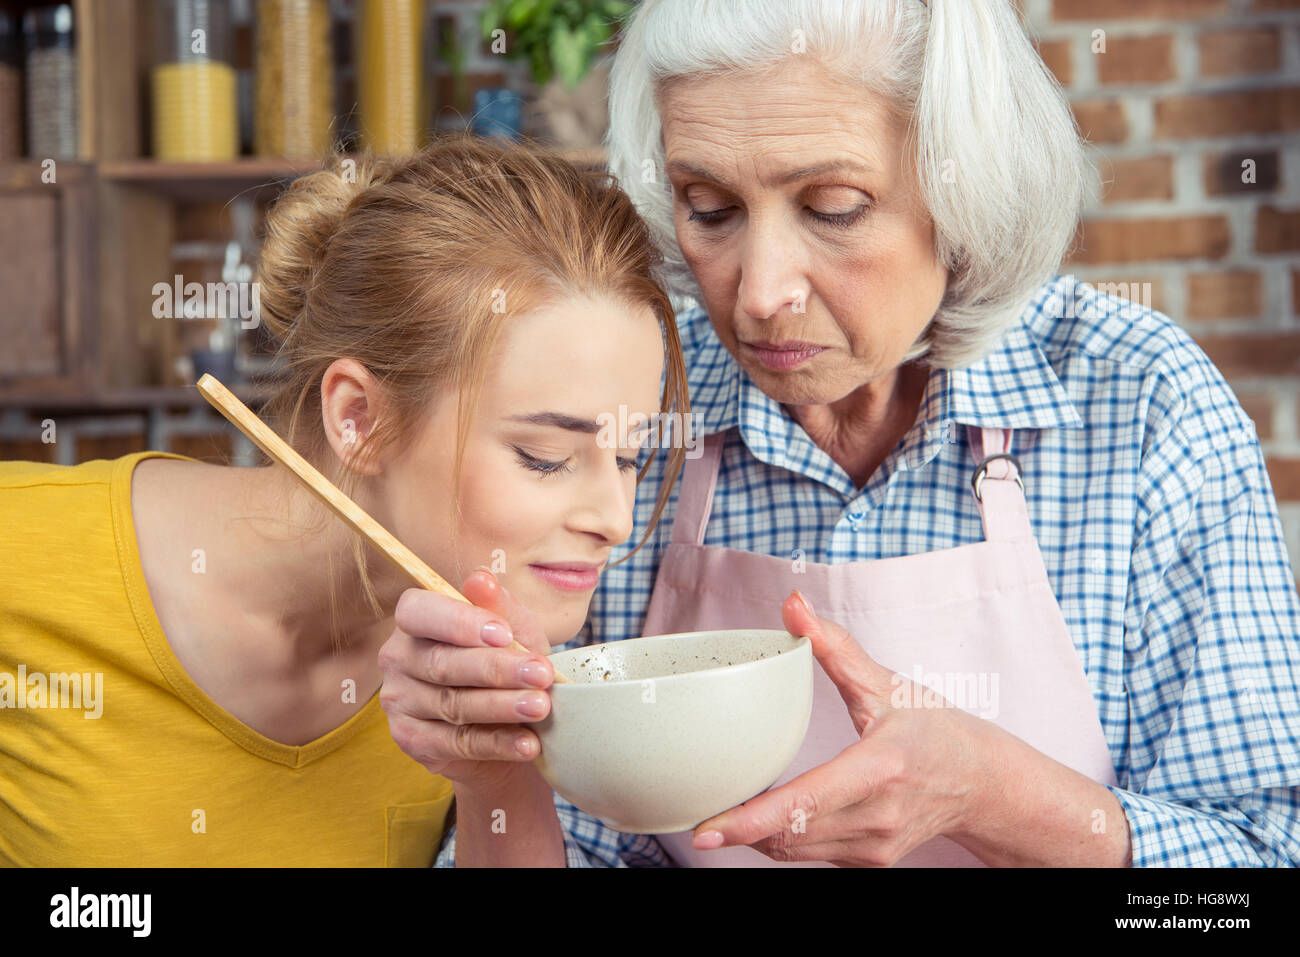 La nipote e nonna cucinare insieme e cercando in vaso Immagini Stock